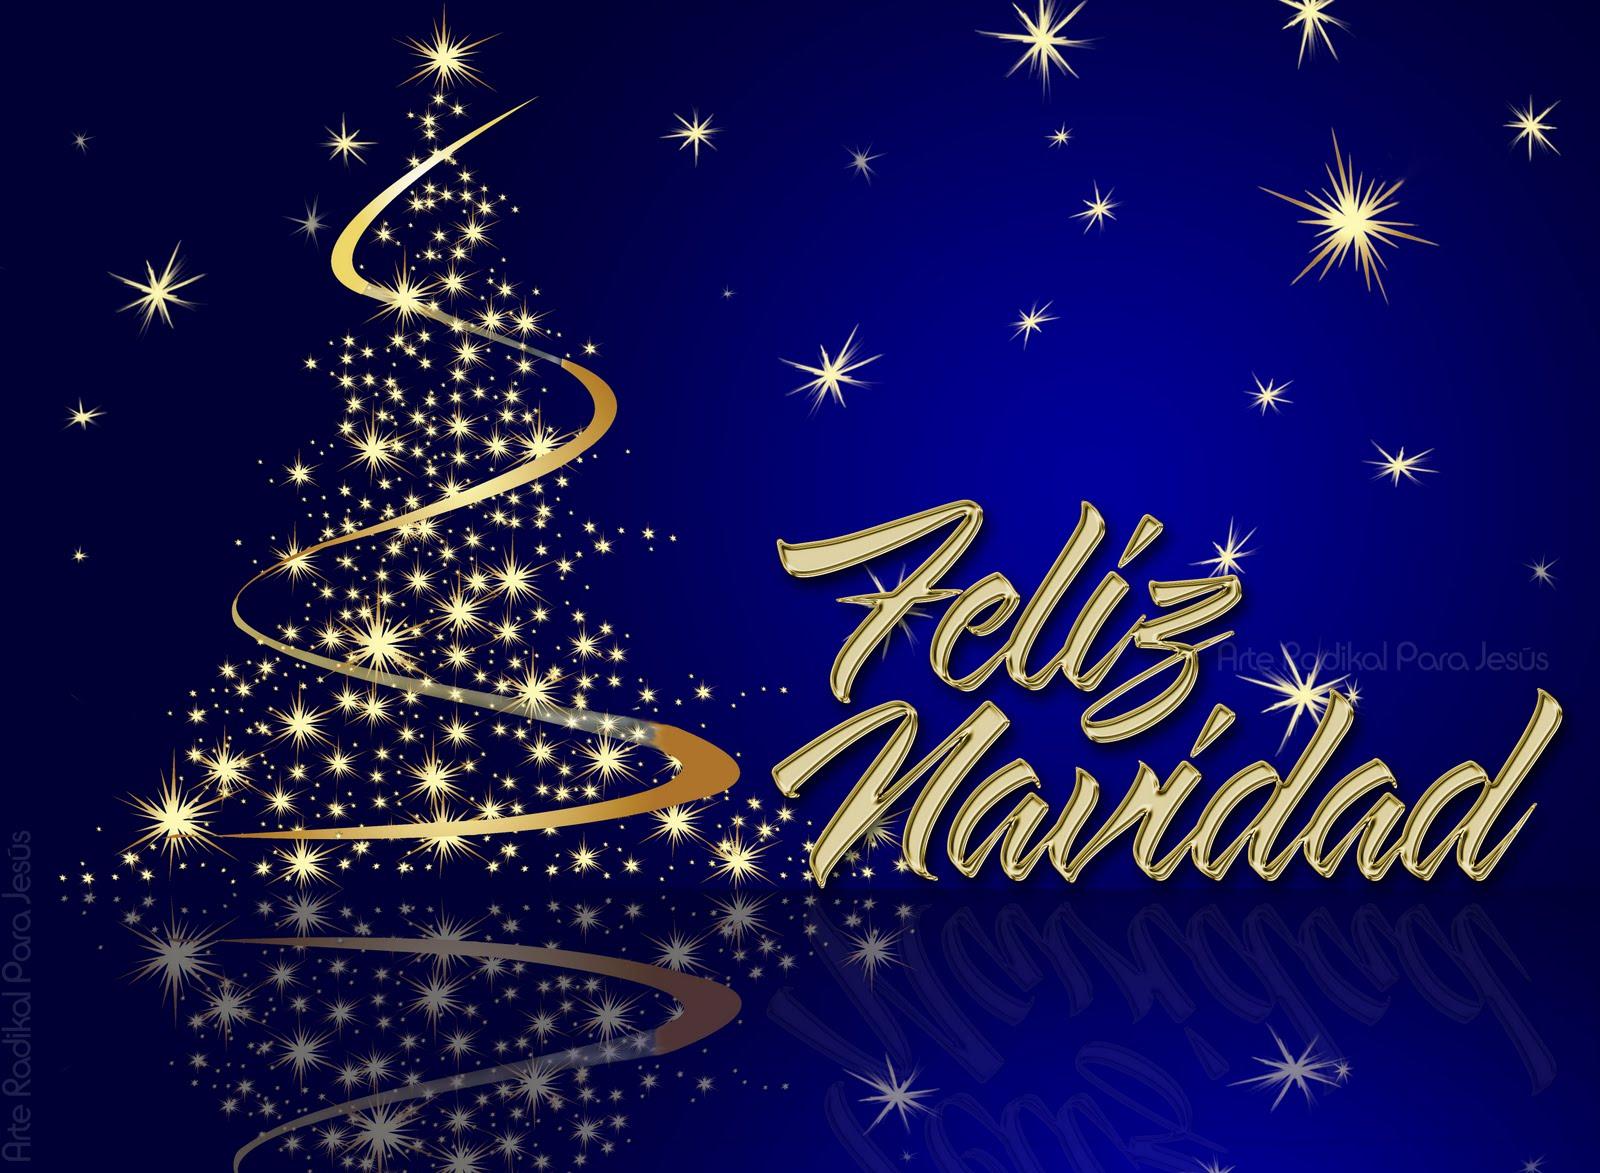 Arte radikal para jes s wallpaper de navidad - Frases de felicitacion por navidad ...